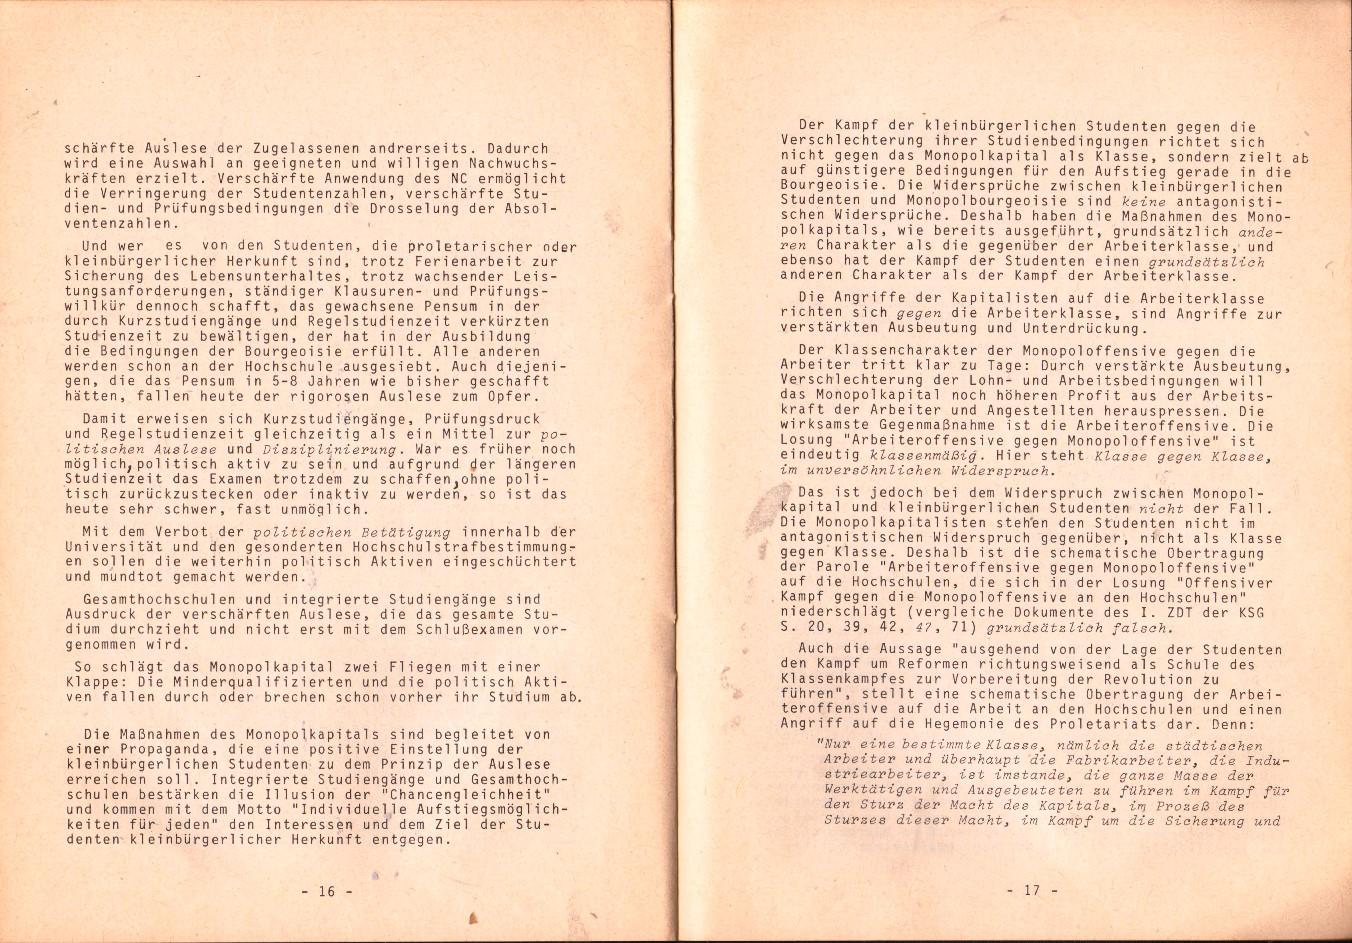 KABD_1976_Parteiaufbau_und_Intellektuellenfrage_12